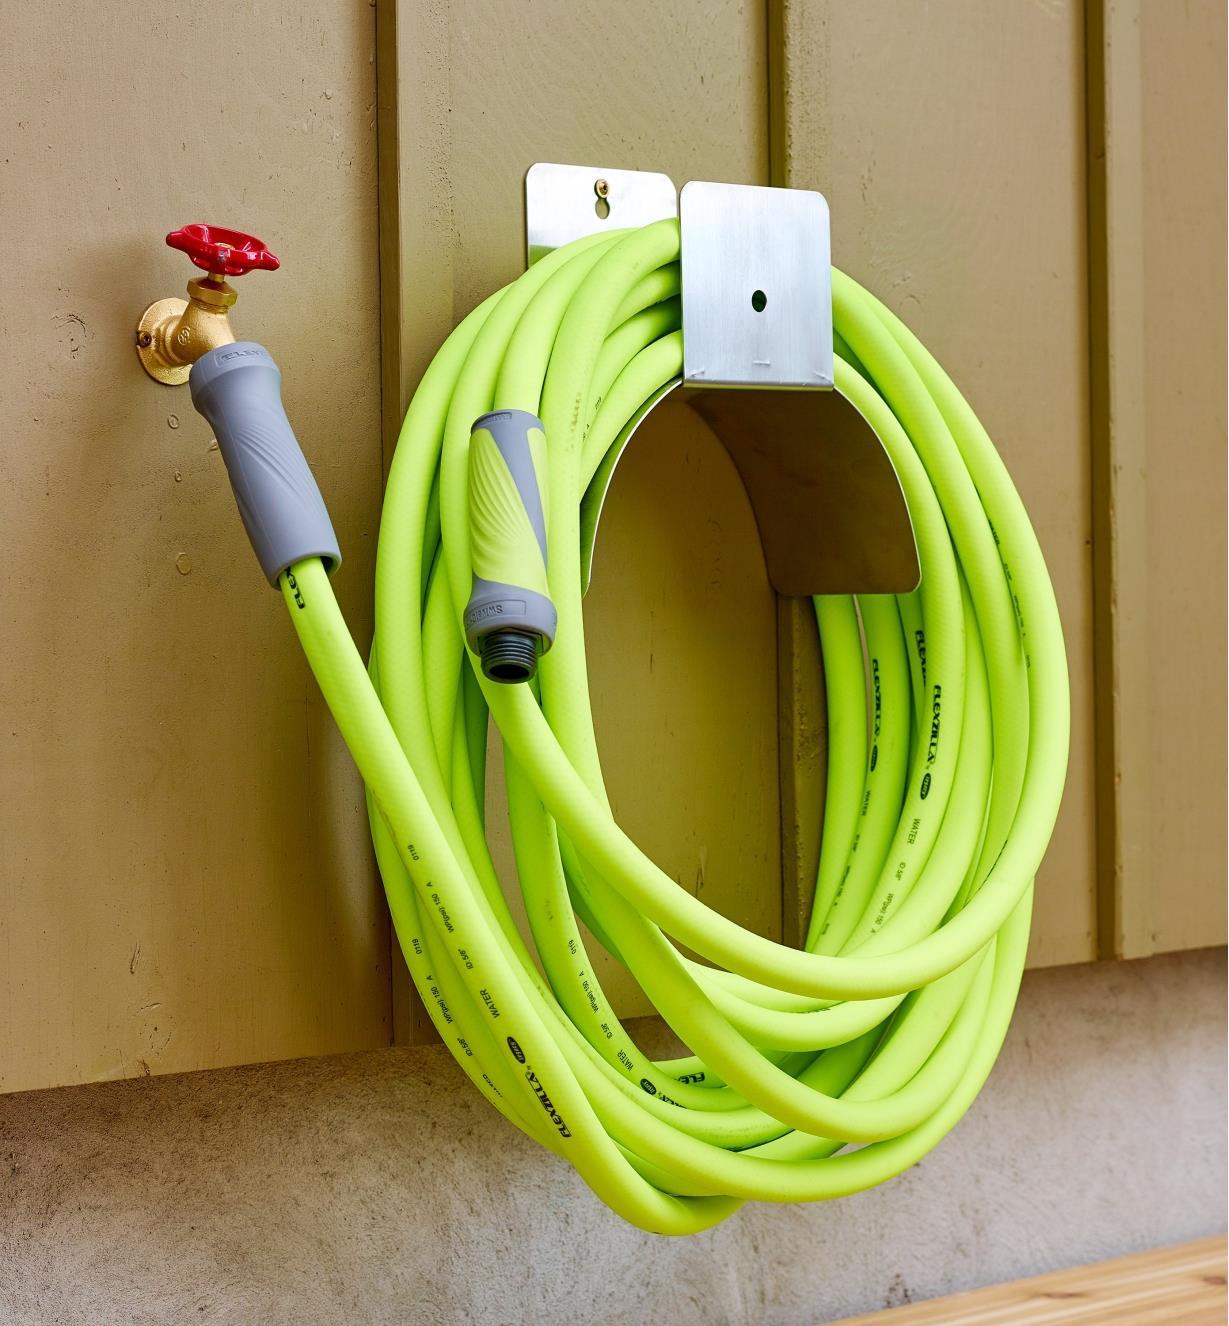 A coiled Flexzilla swivel-grip garden hose connected to a faucet